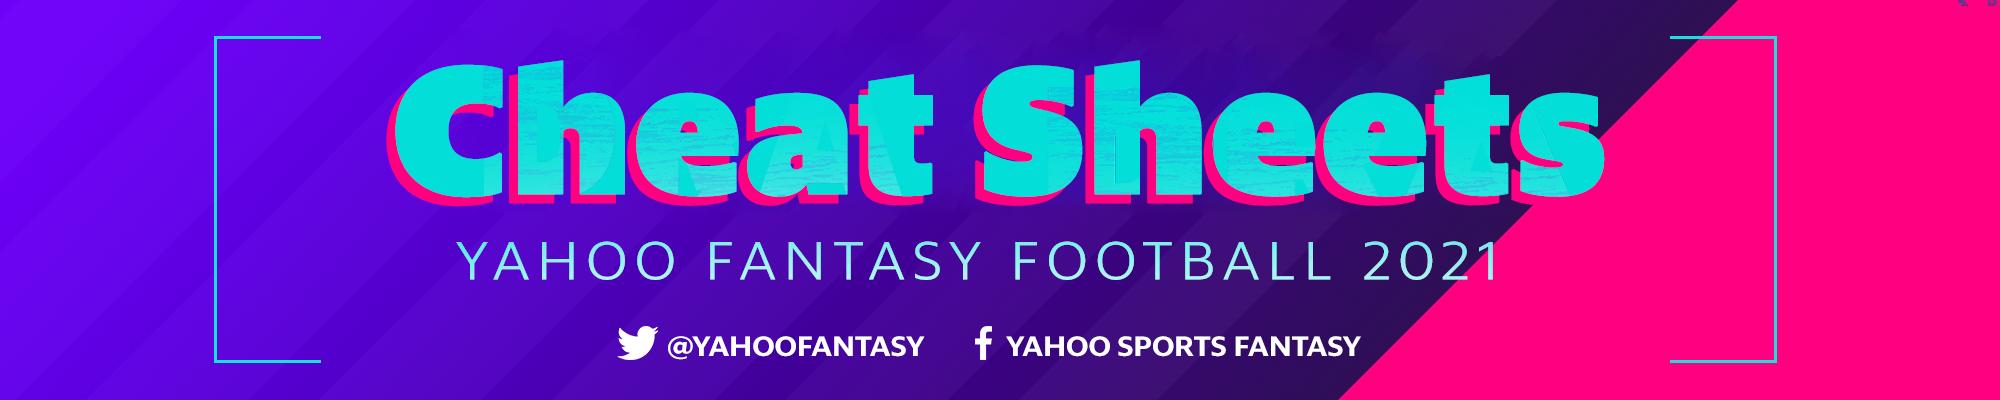 Yahoo Fantasy Football 2021 Cheat Sheets